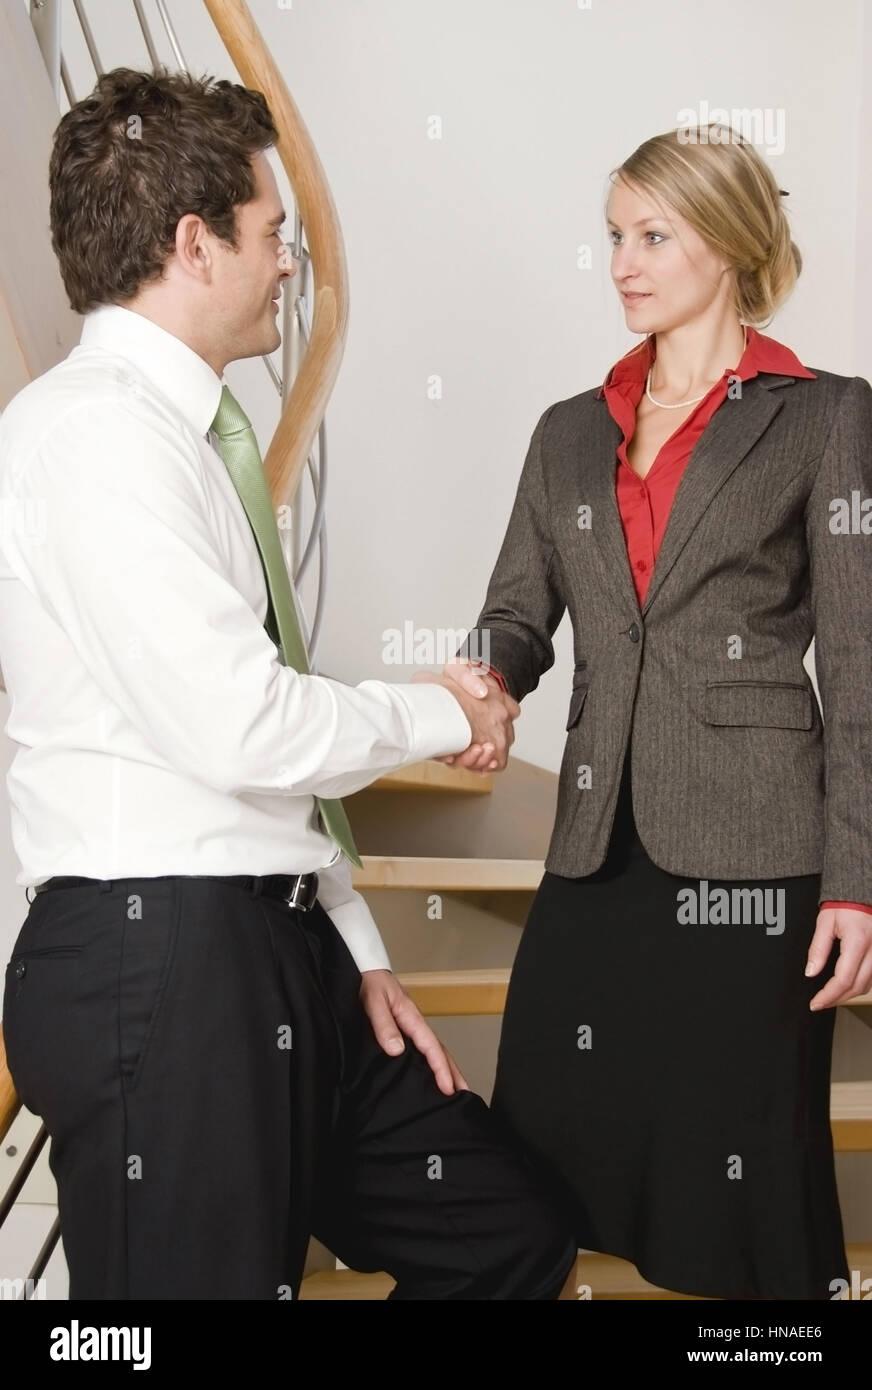 Handschlag zwischen zwei junge Geschaeftsleuten - business handshake - Stock Image